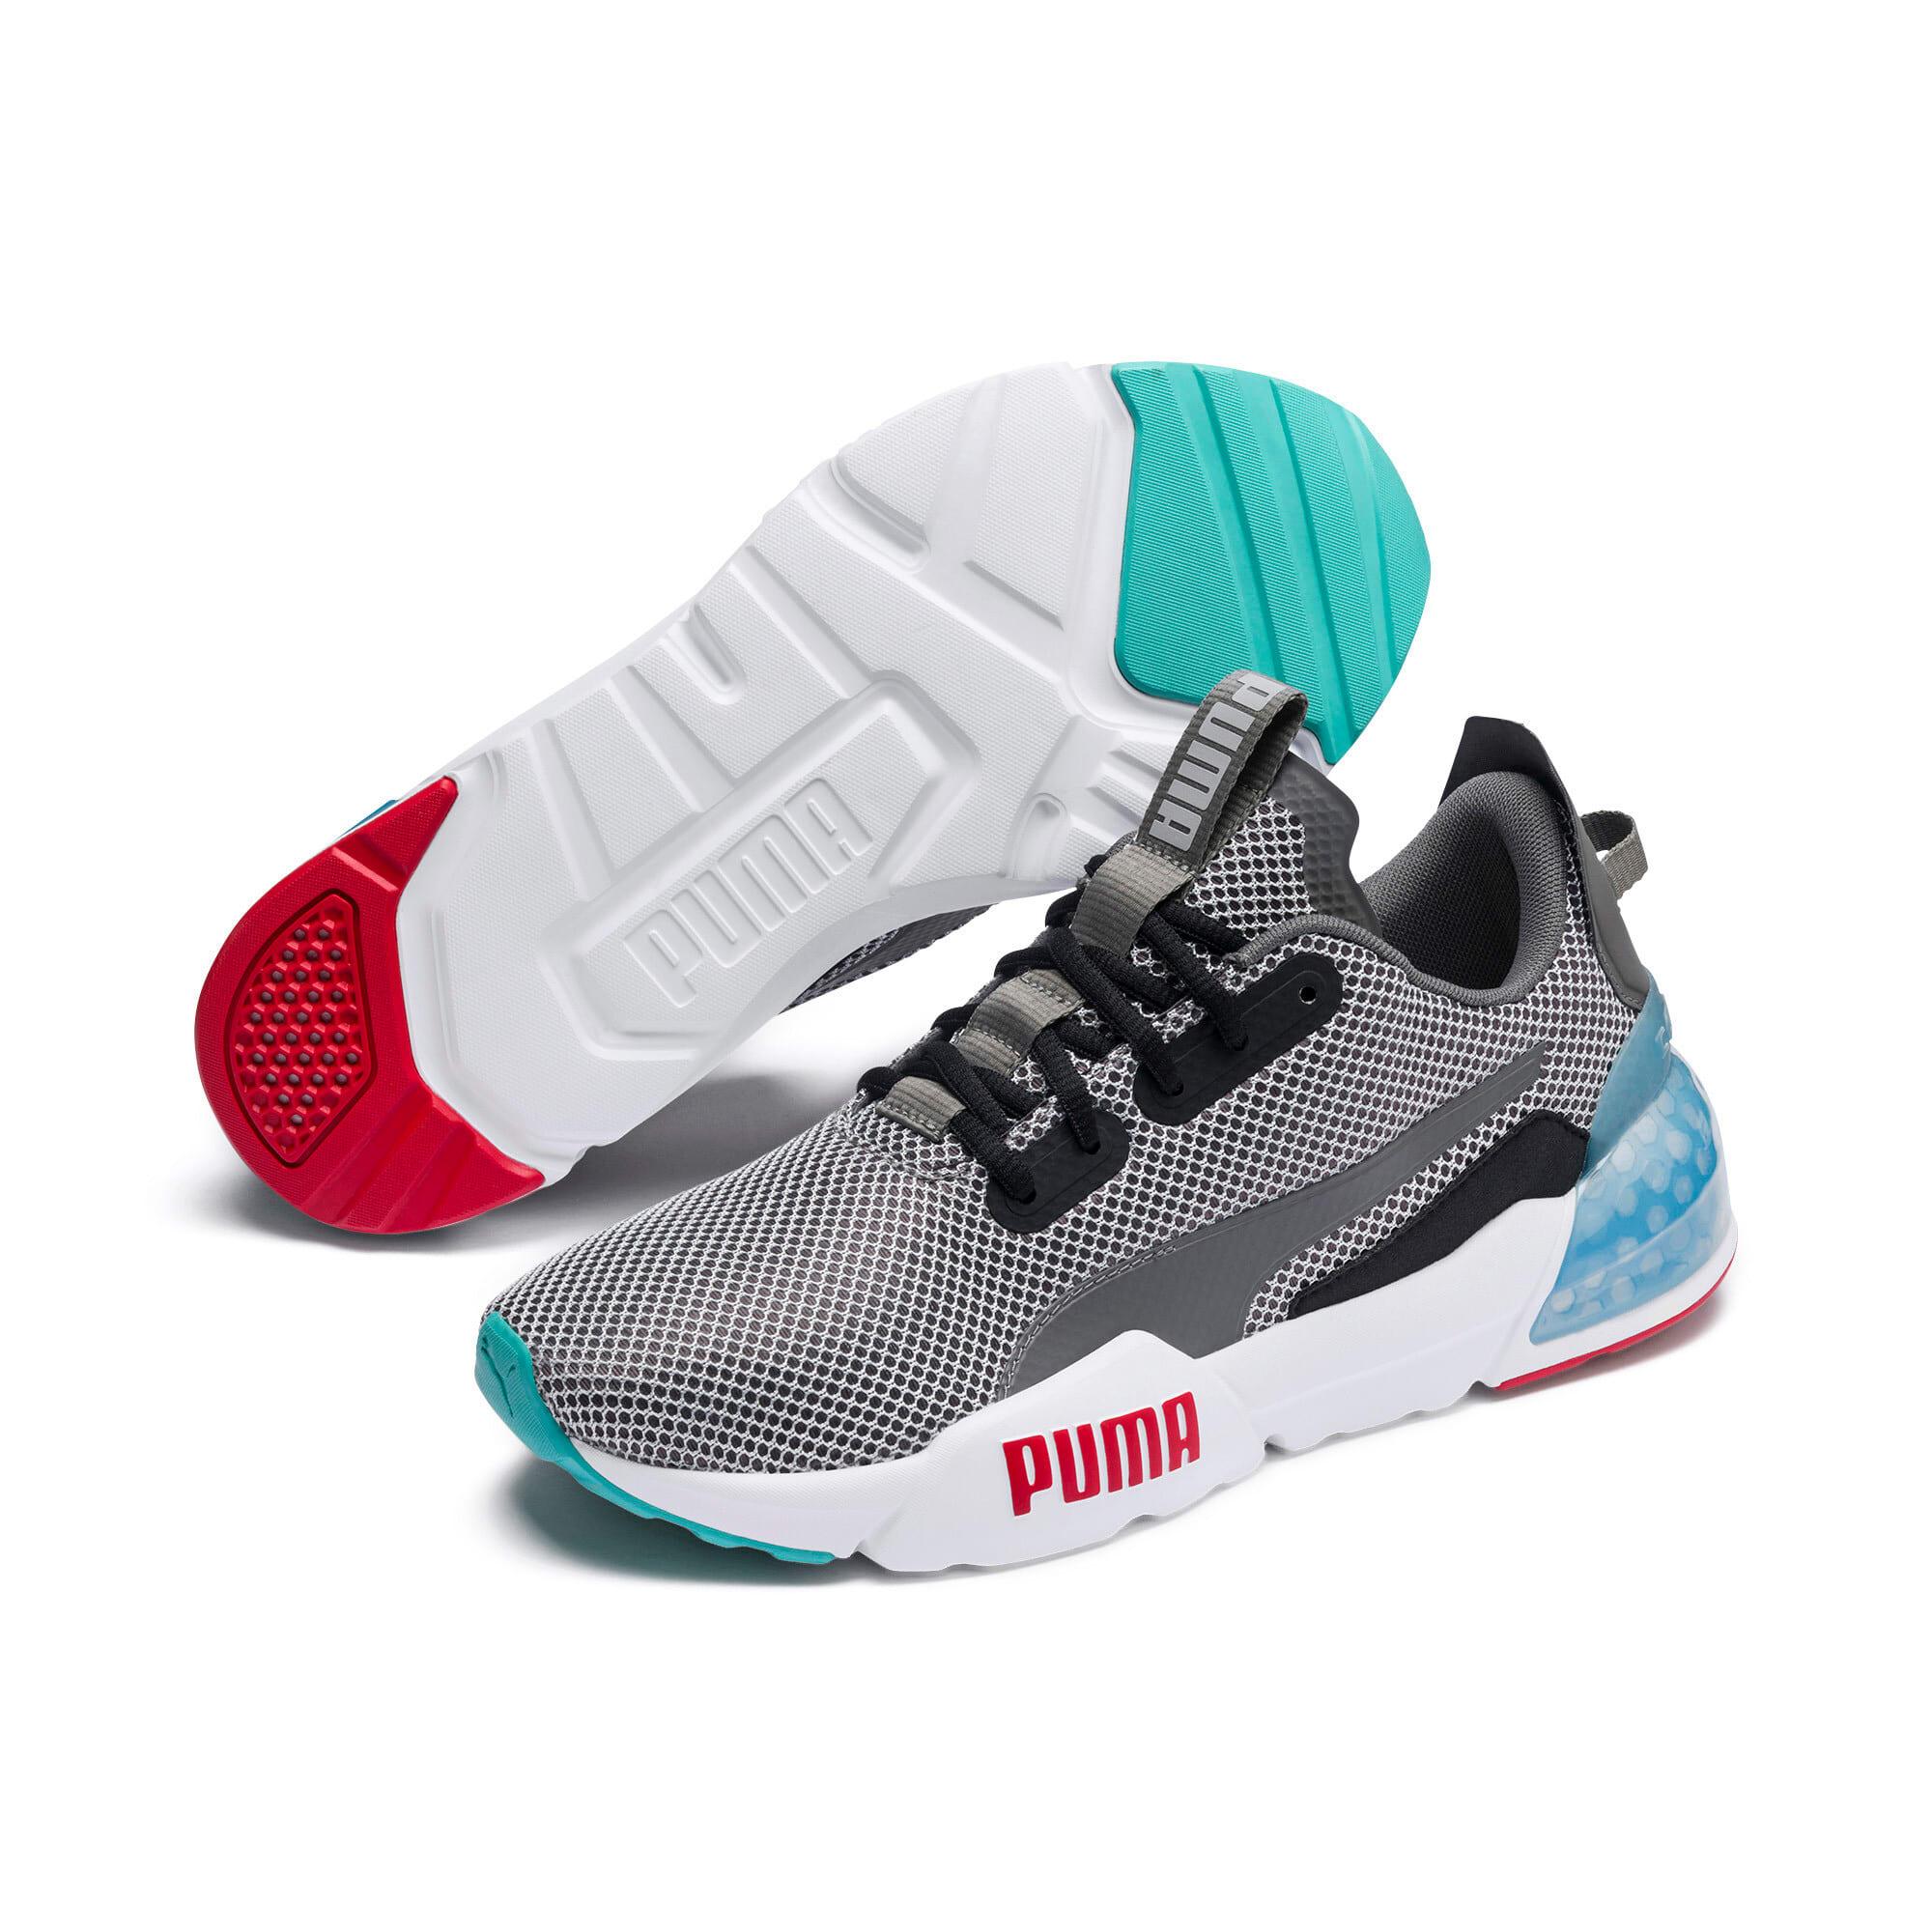 Thumbnail 3 of CELL Phase Men's Training Shoes, CASTLEROCK-White-HighRiskRed, medium